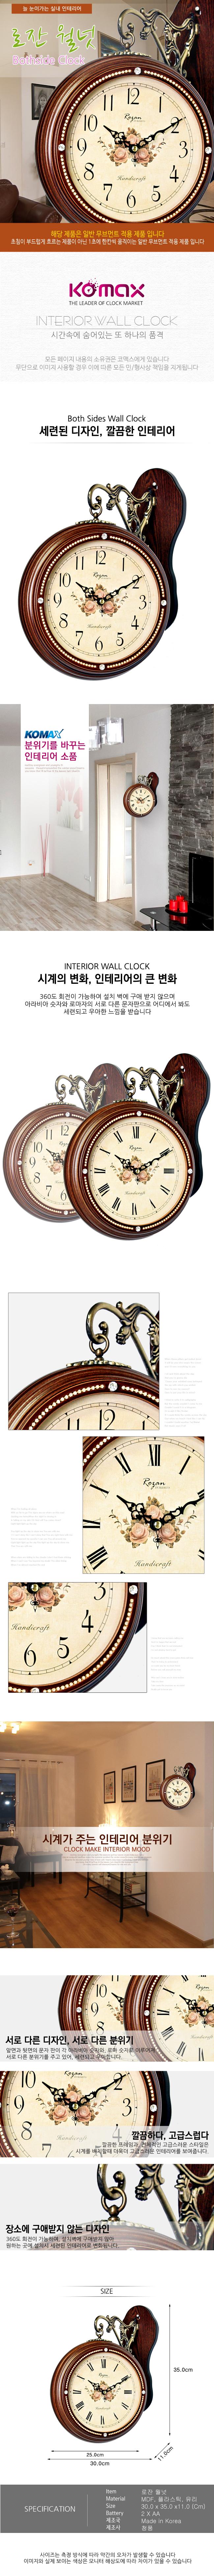 로잔 월넛 양면벽시계 - 코맥스, 70,900원, 양면시계, 앤틱